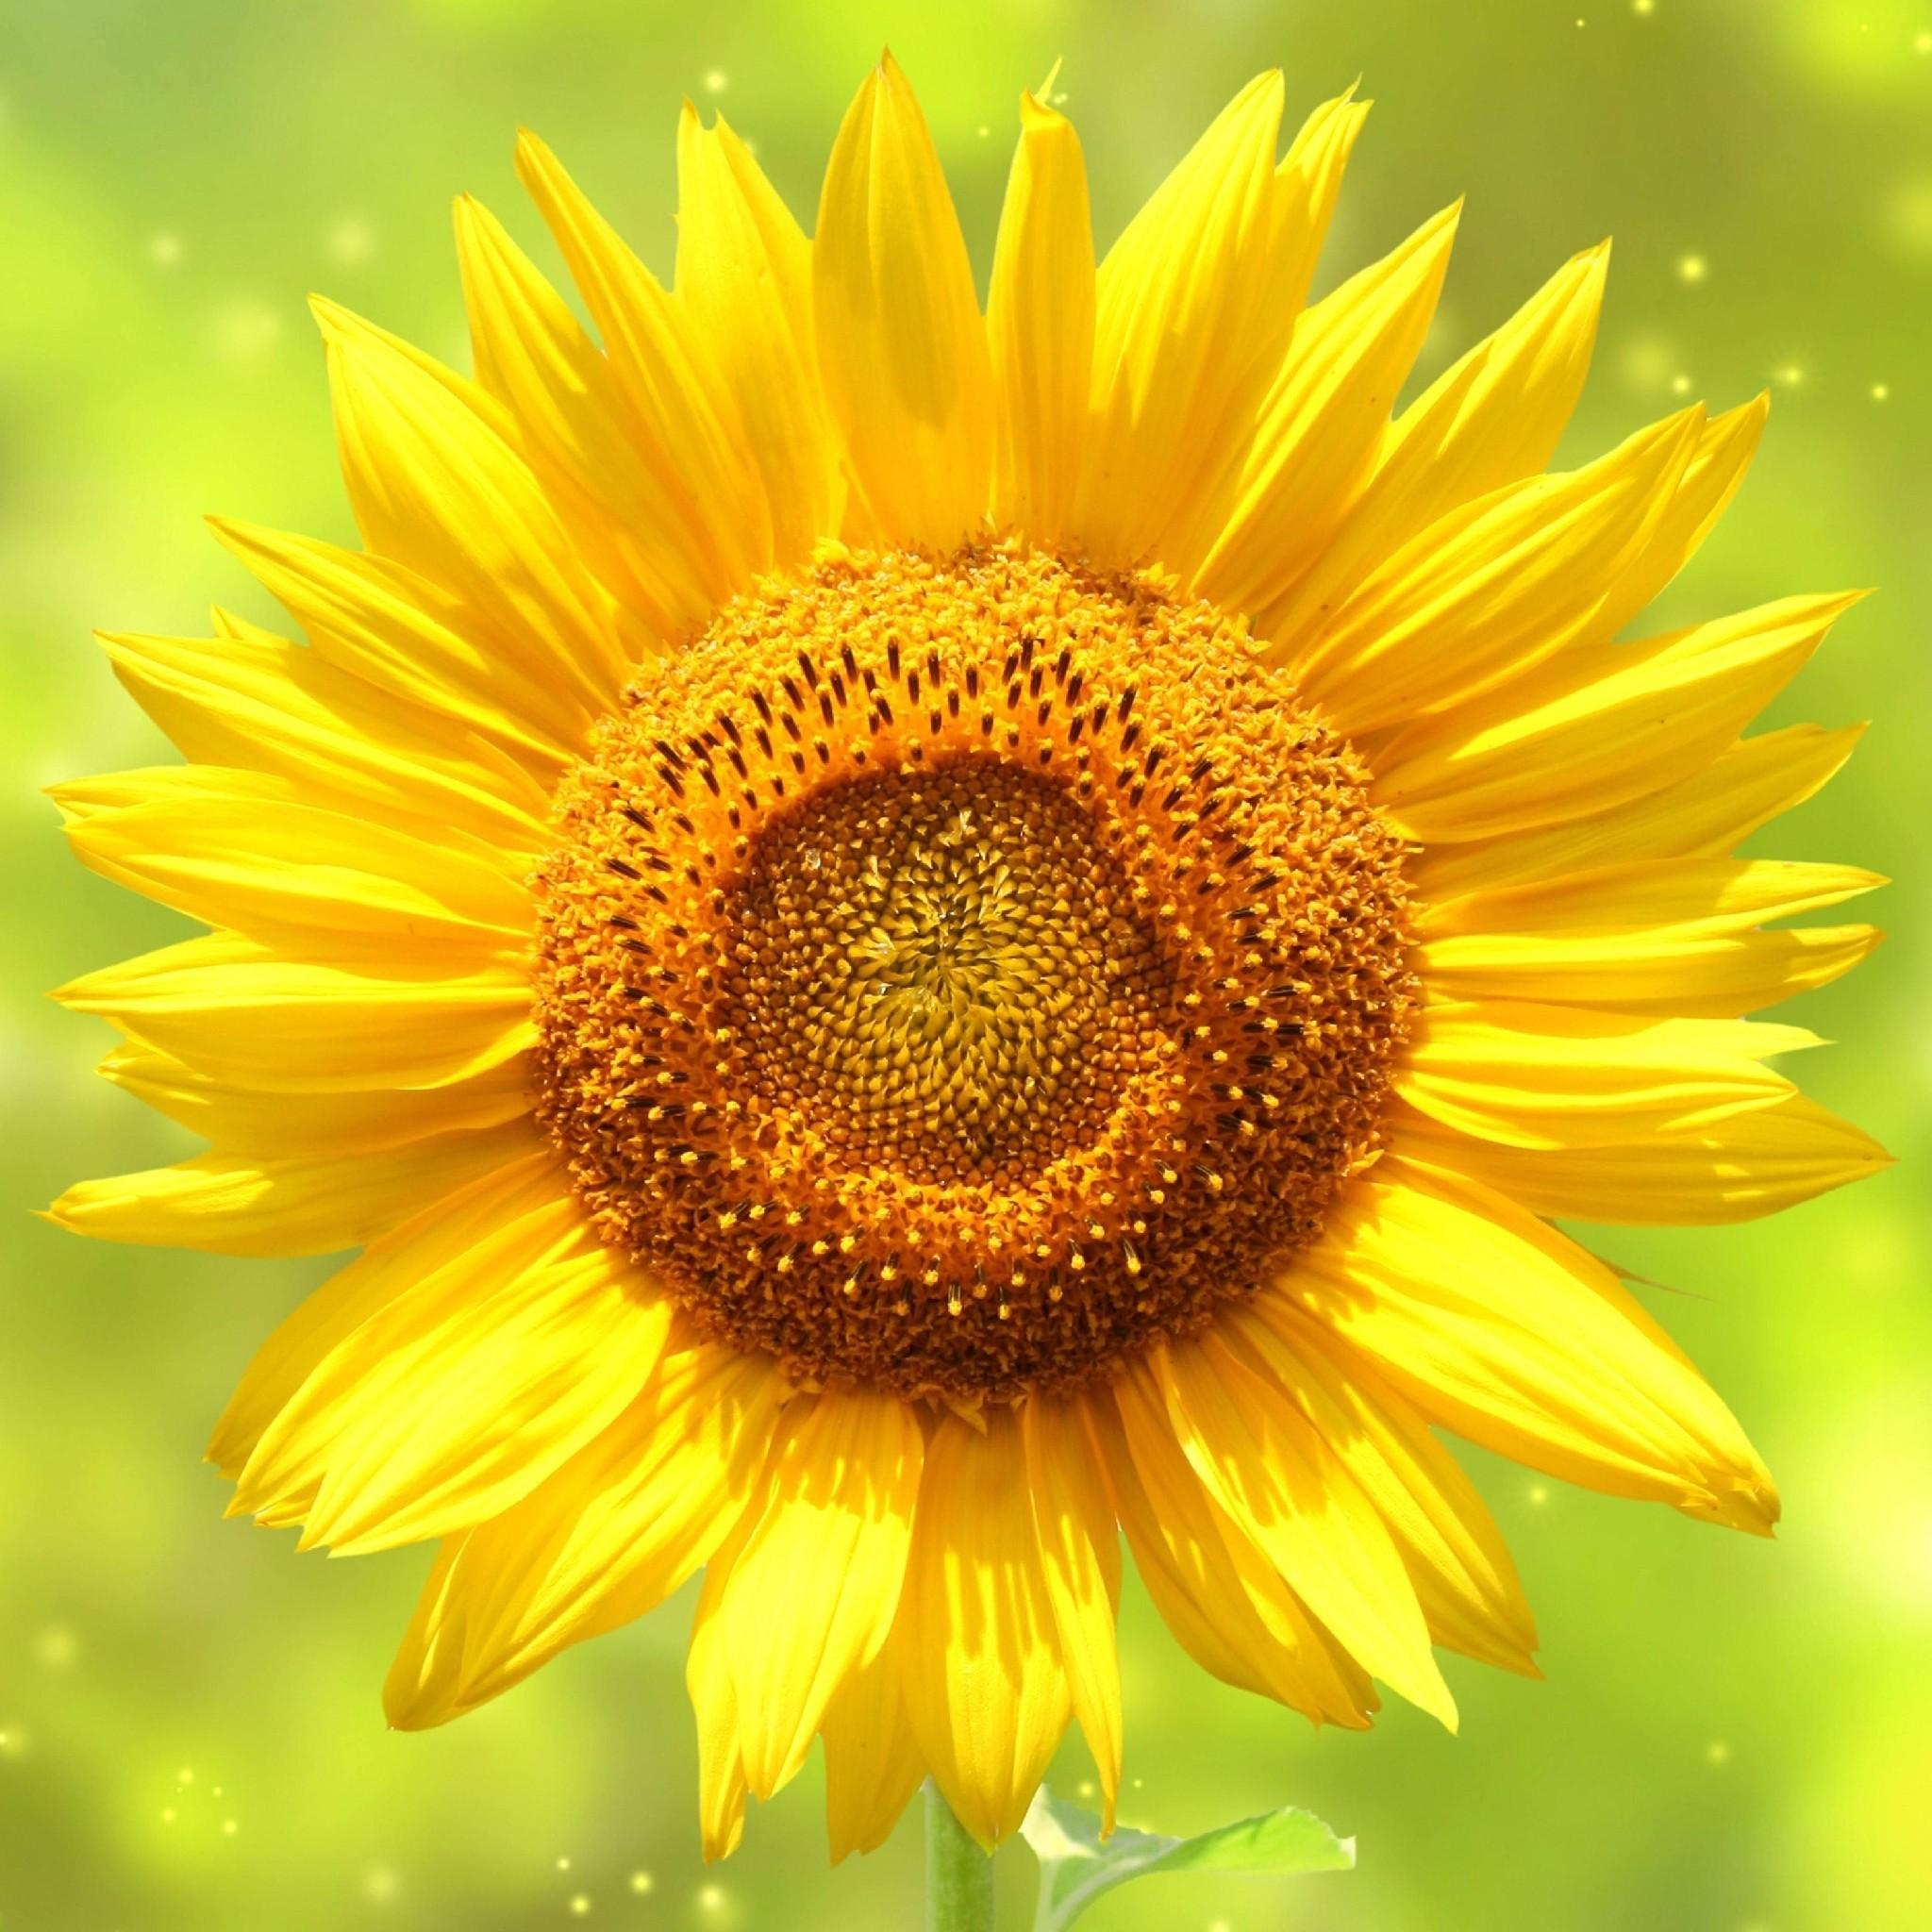 Fall Sunflowers Wallpaper Die 75 Besten Sonne Hintergrundbilder